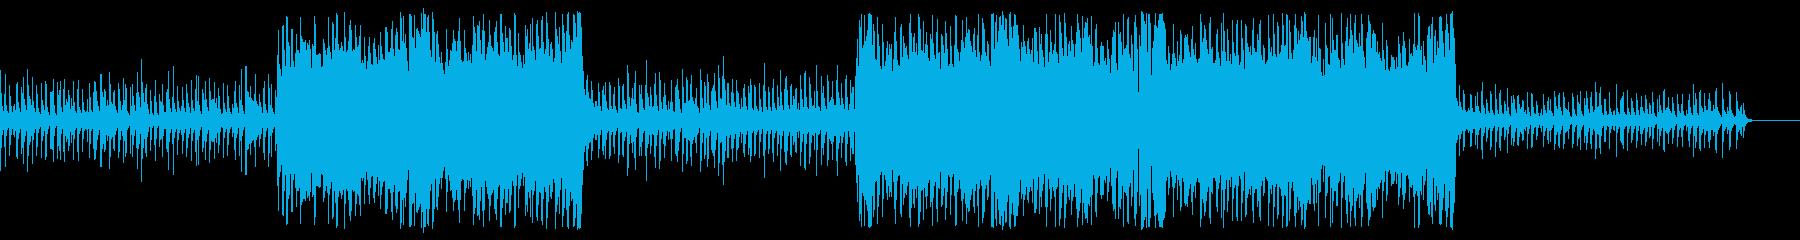 【メロディ・ドラム・ベース抜き】シンプ…の再生済みの波形